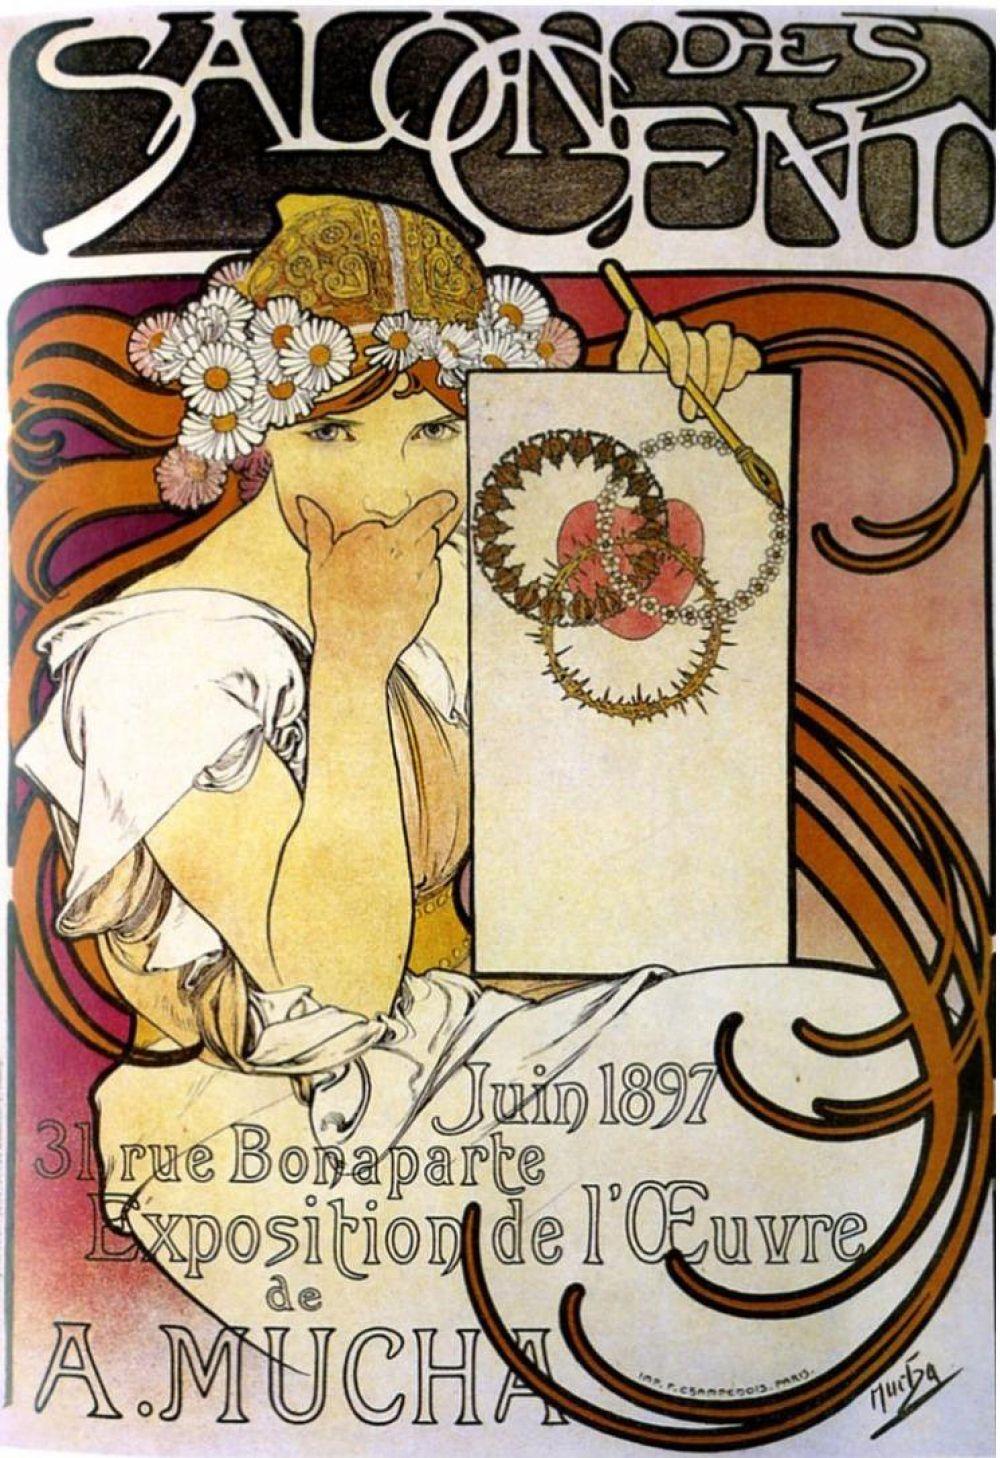 Плакат первой собственной выставки Мухи в «Салоне ста», 1897 год.